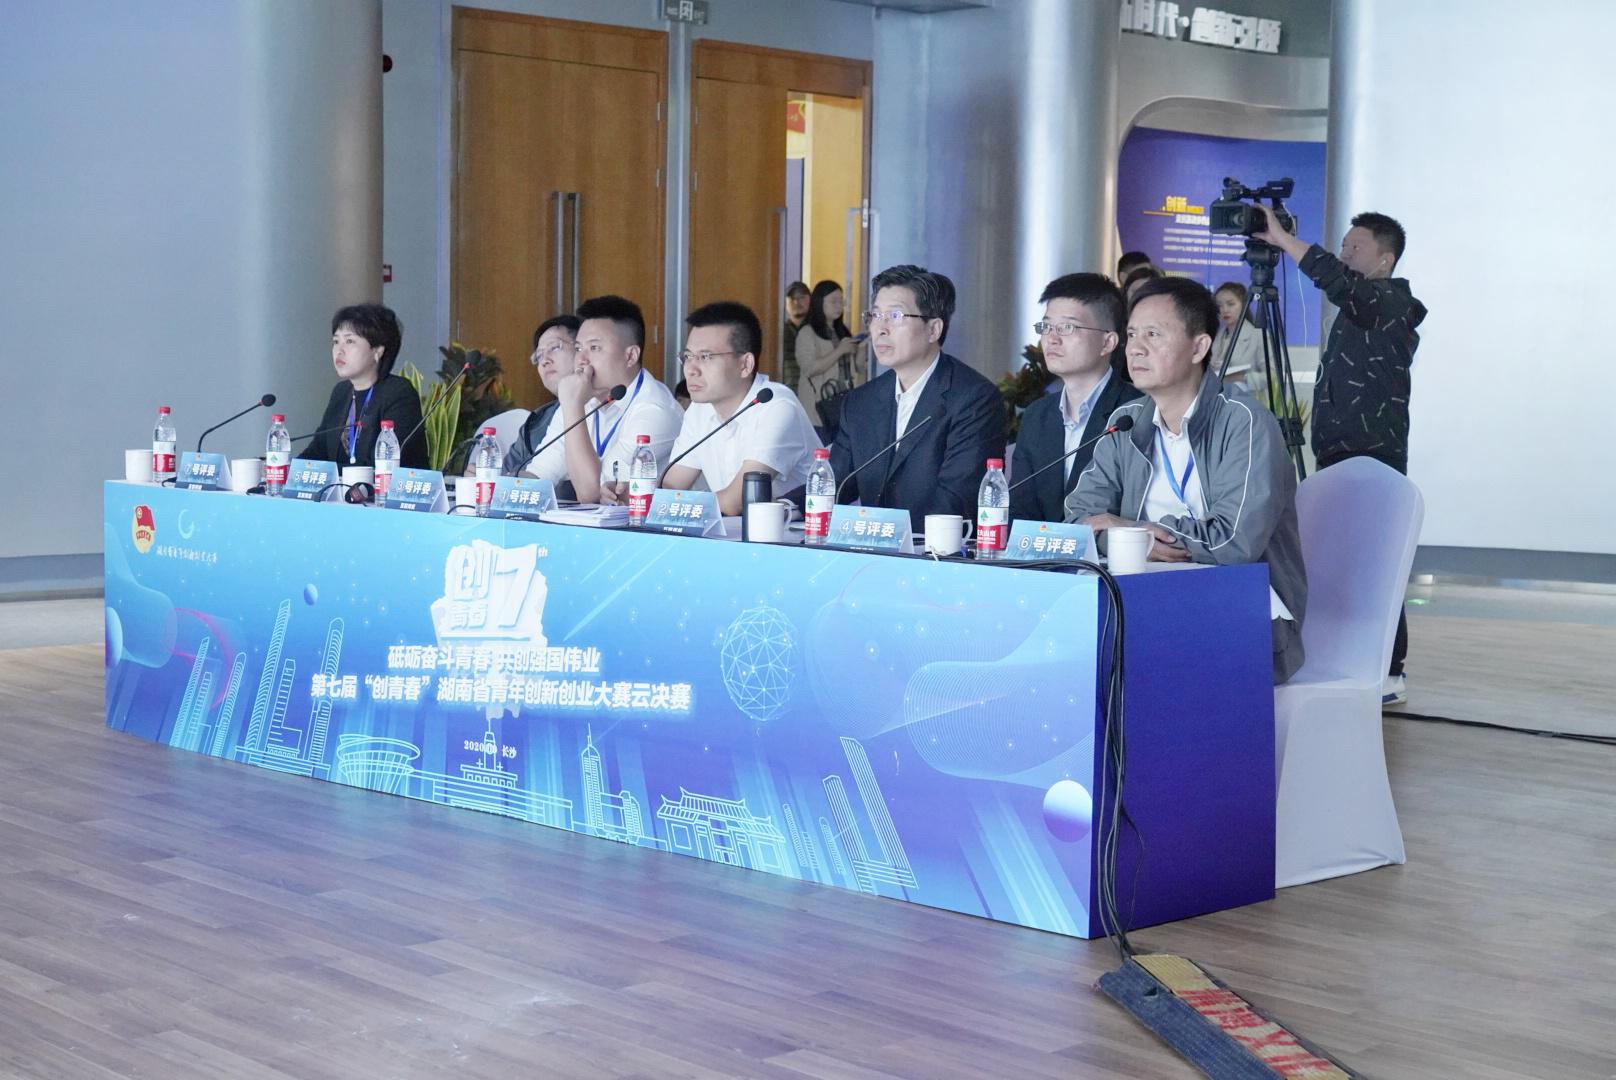 互联网组比赛现场(左一潭州教育董事长谢辉艳